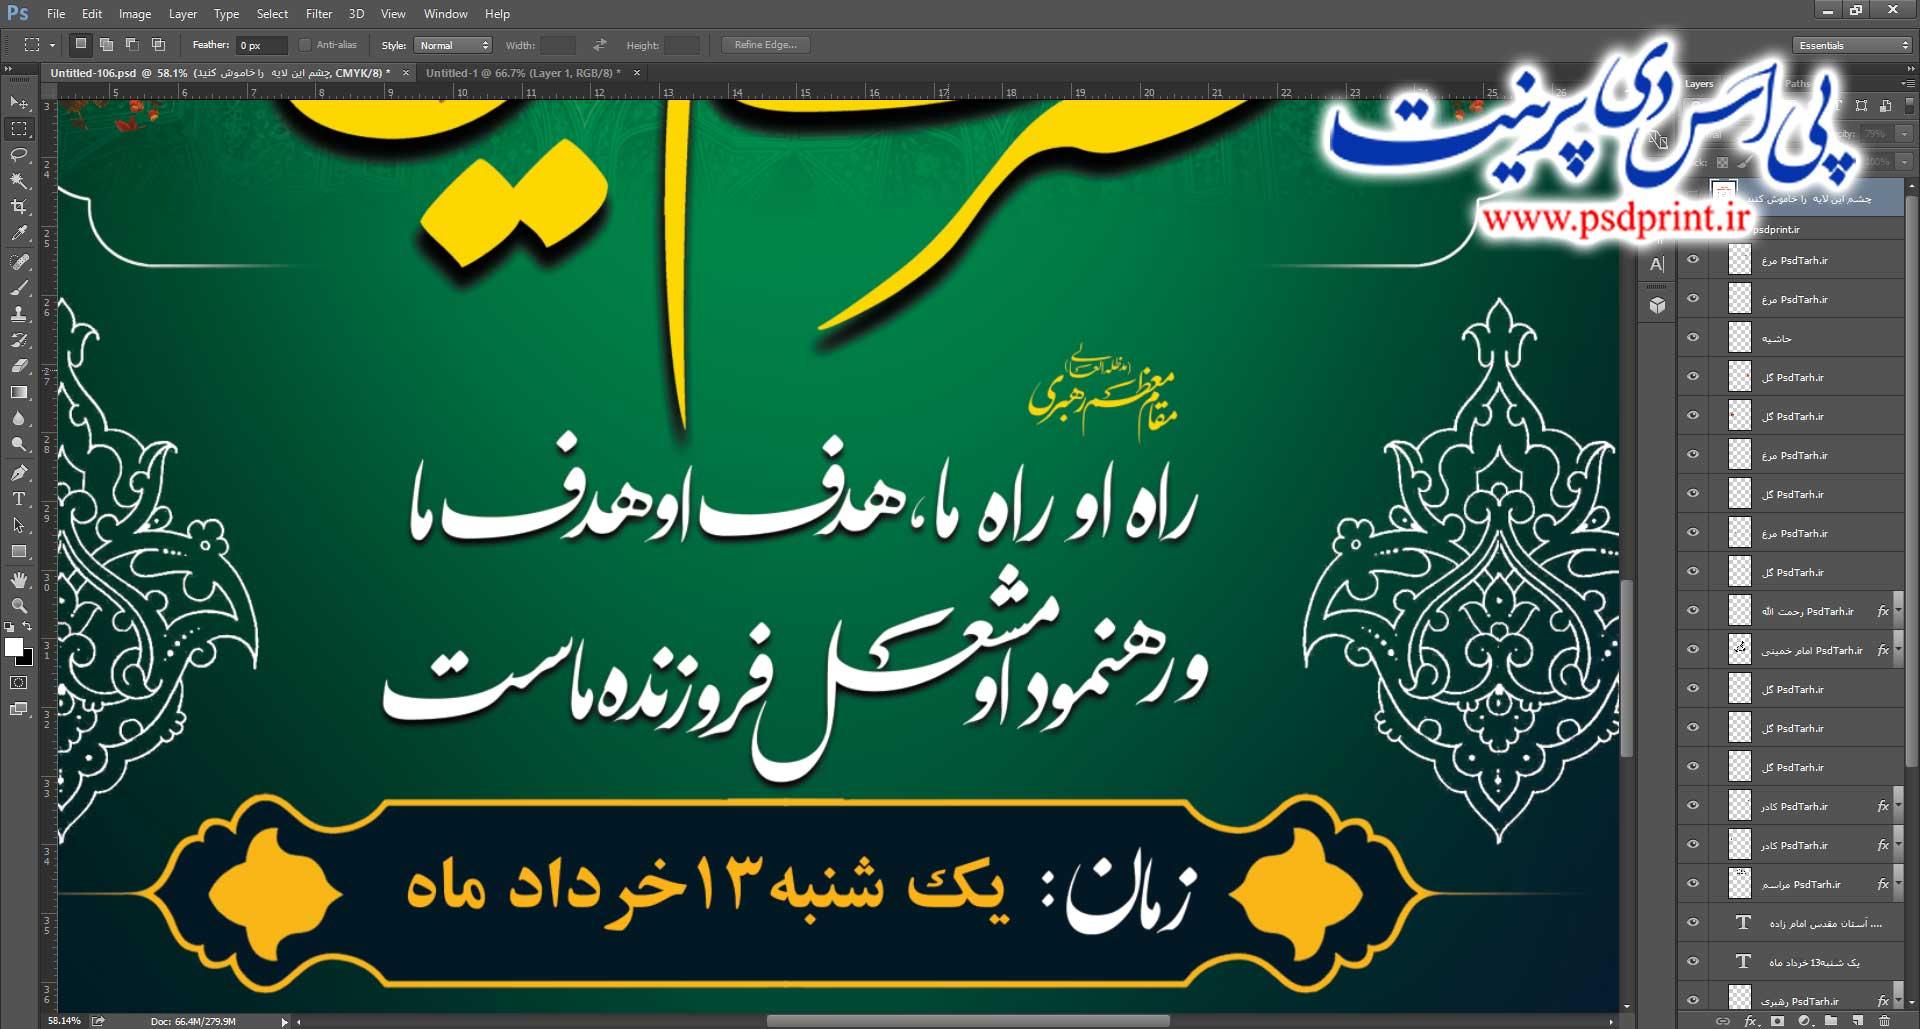 بنر اطلاع رسانی بزرگداشت امام خمینی